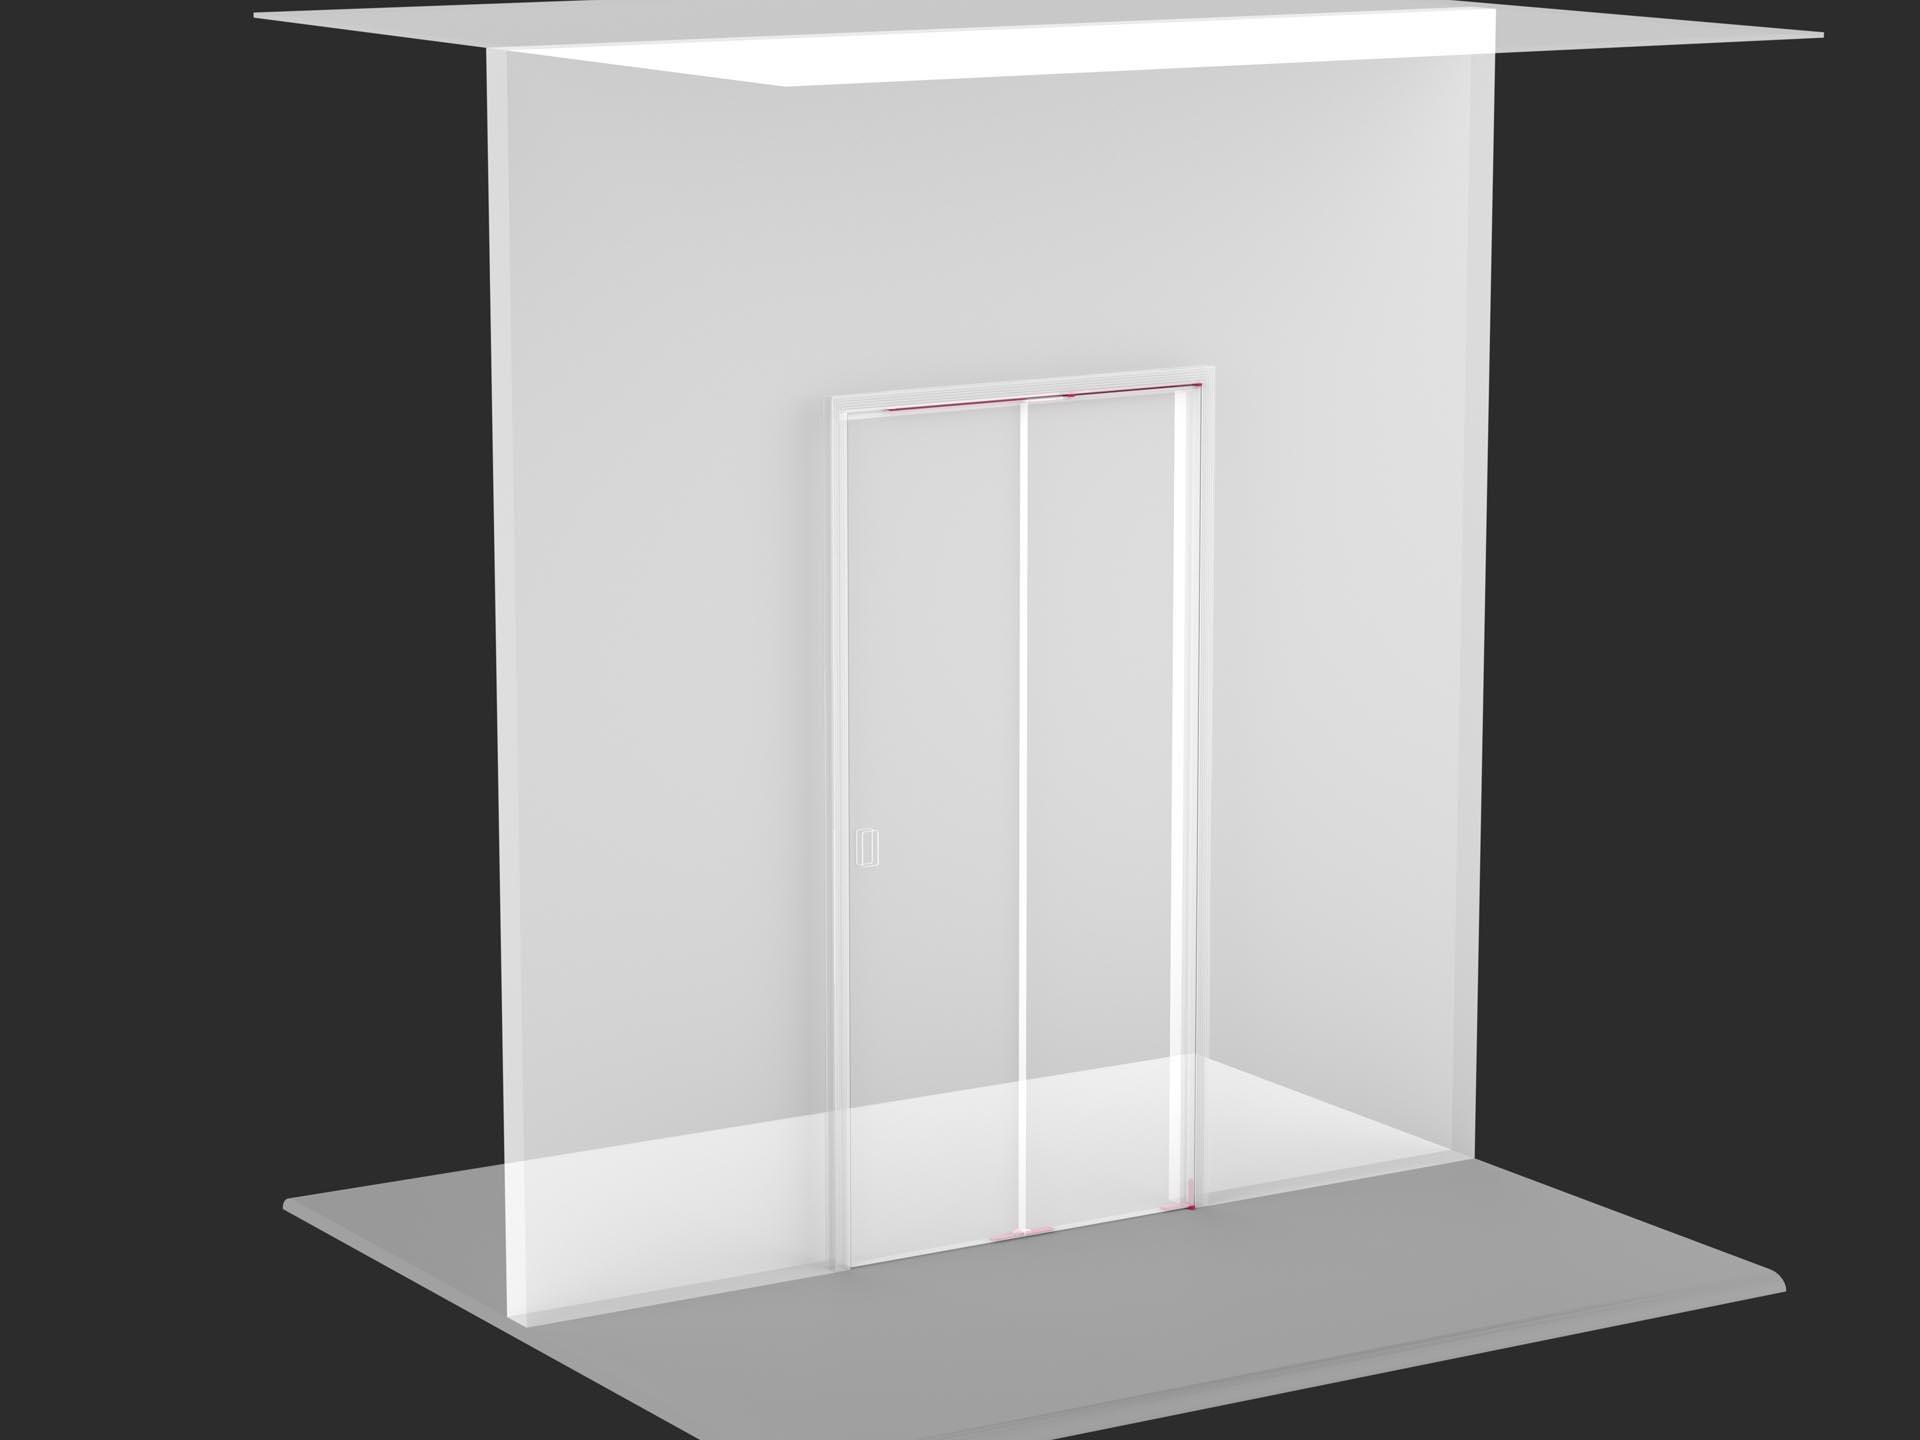 Porta filomuro pieghevole 180 chiusa evoline3 for Porta pieghevole